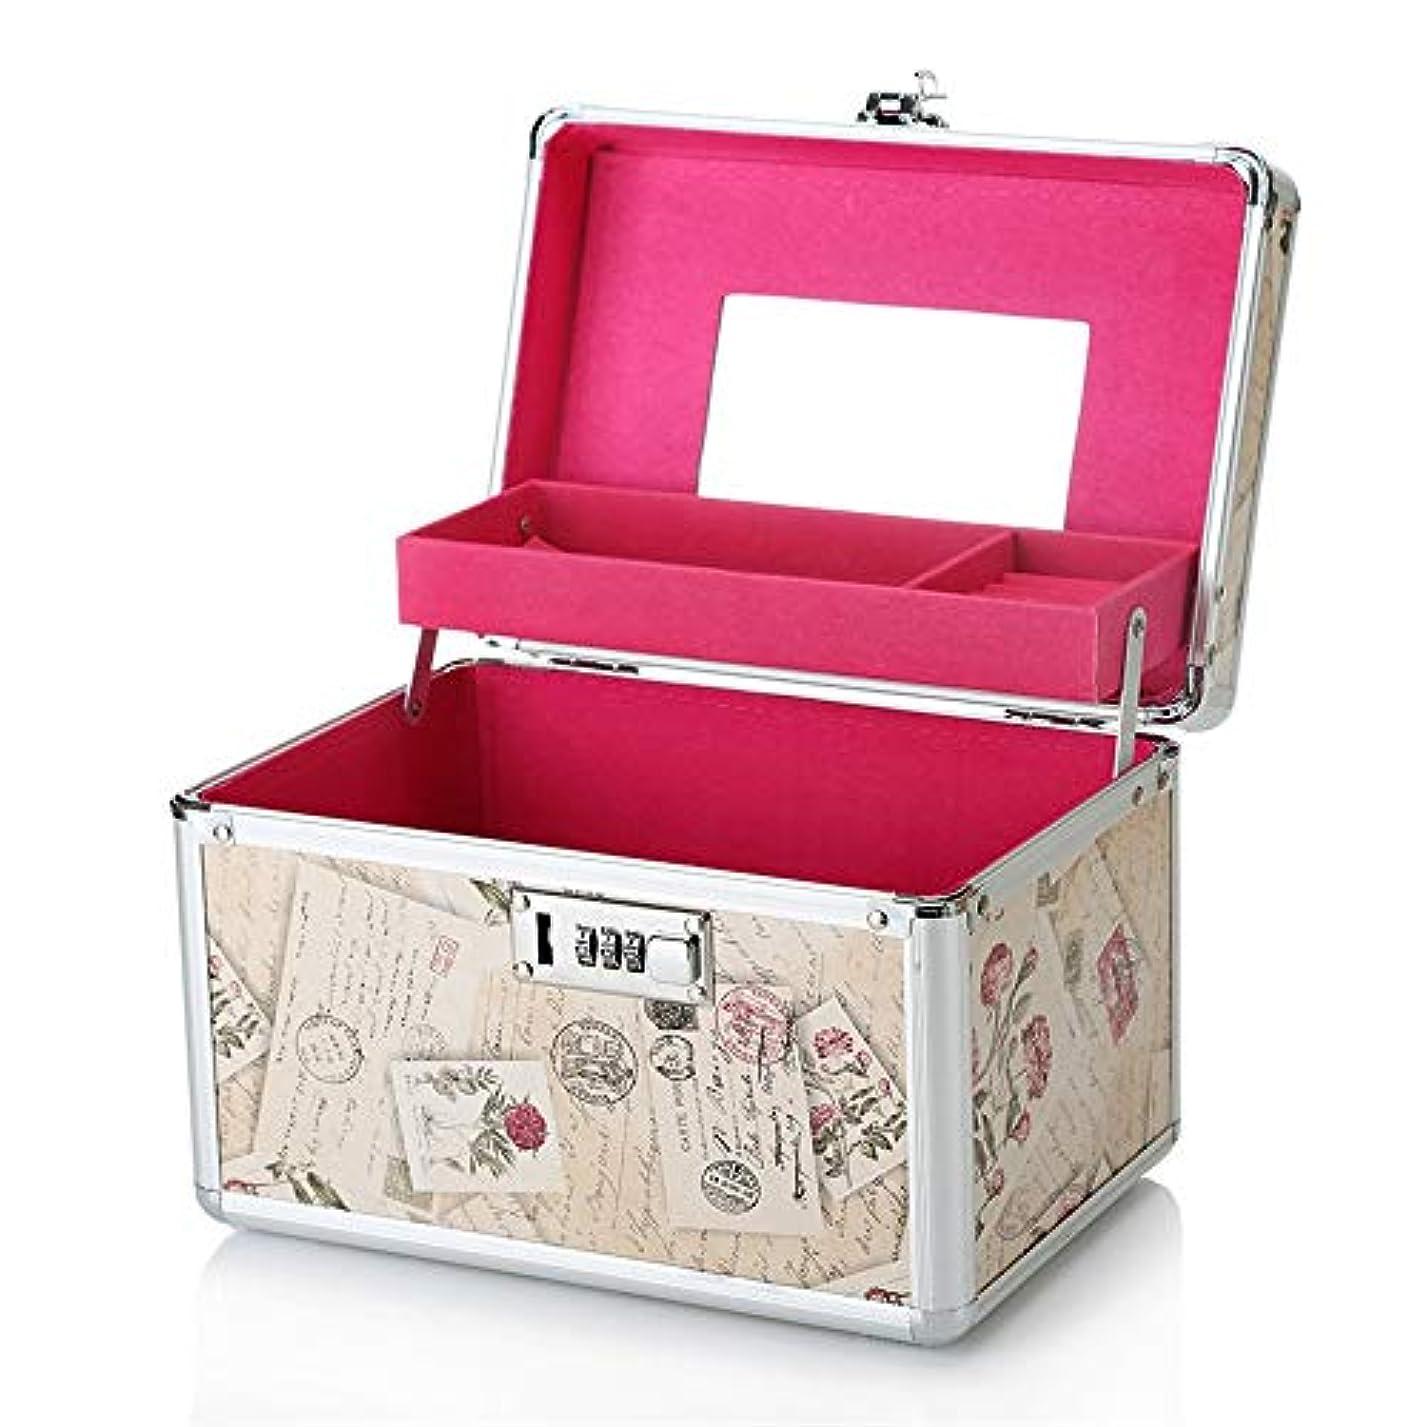 発表細い好奇心盛特大スペース収納ビューティーボックス 美の構造のためそしてジッパーおよび折る皿が付いている女の子の女性旅行そして毎日の貯蔵のための高容量の携帯用化粧品袋 化粧品化粧台